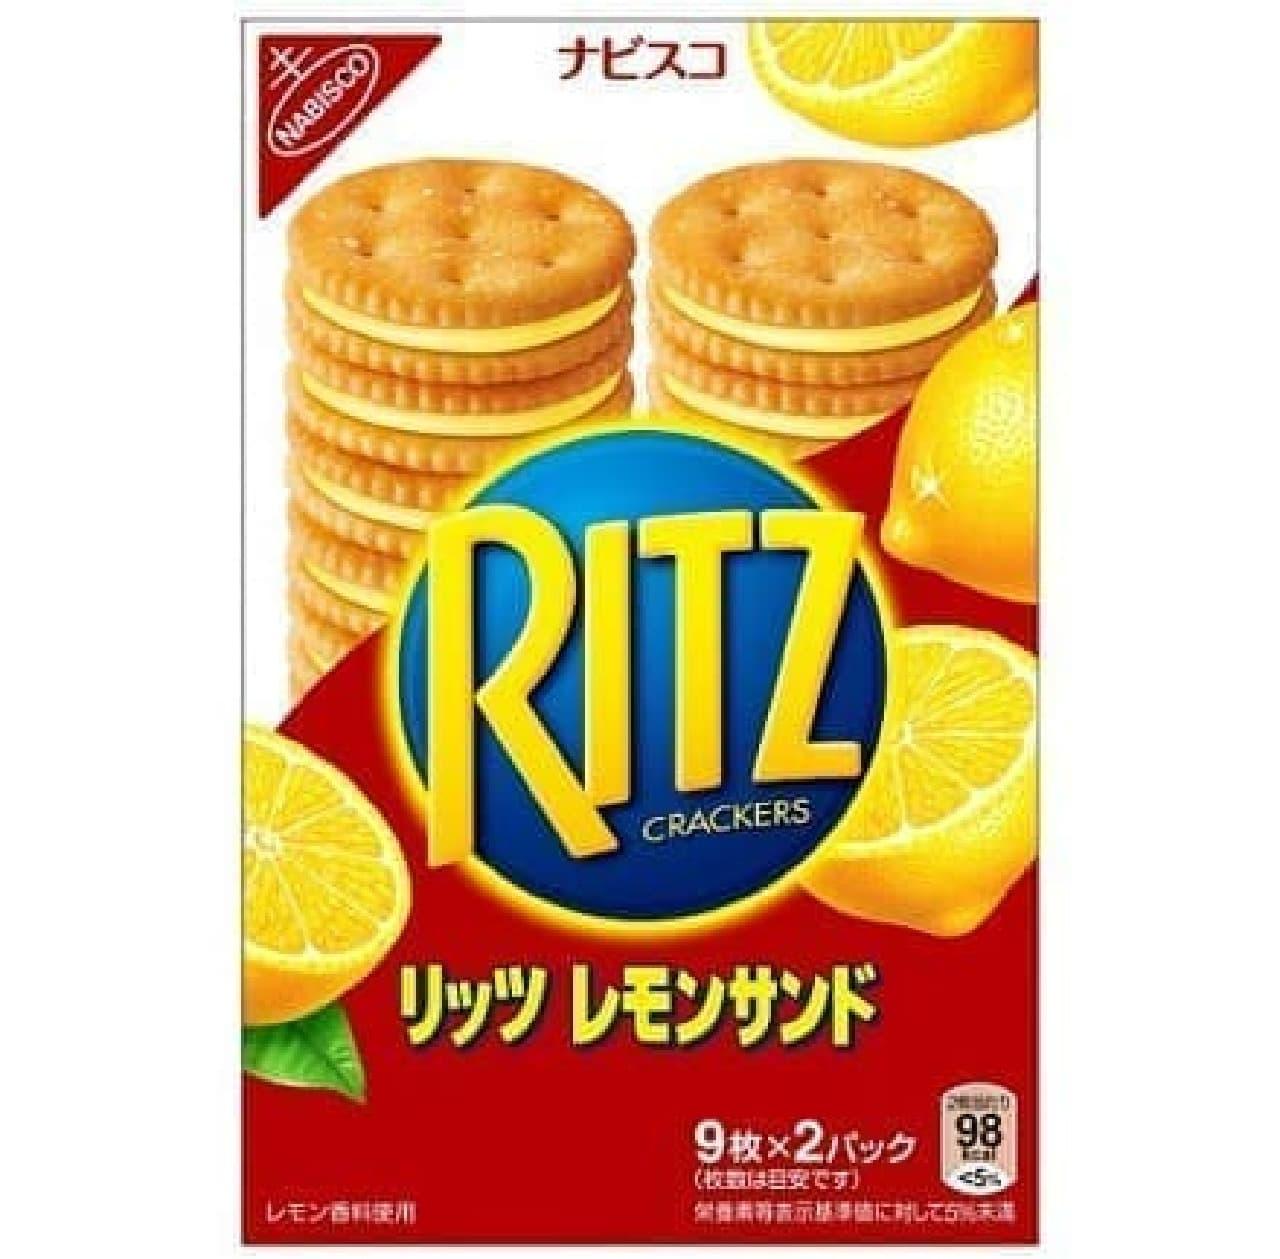 モンデリーズ・ジャパン「リッツ レモンサンド」